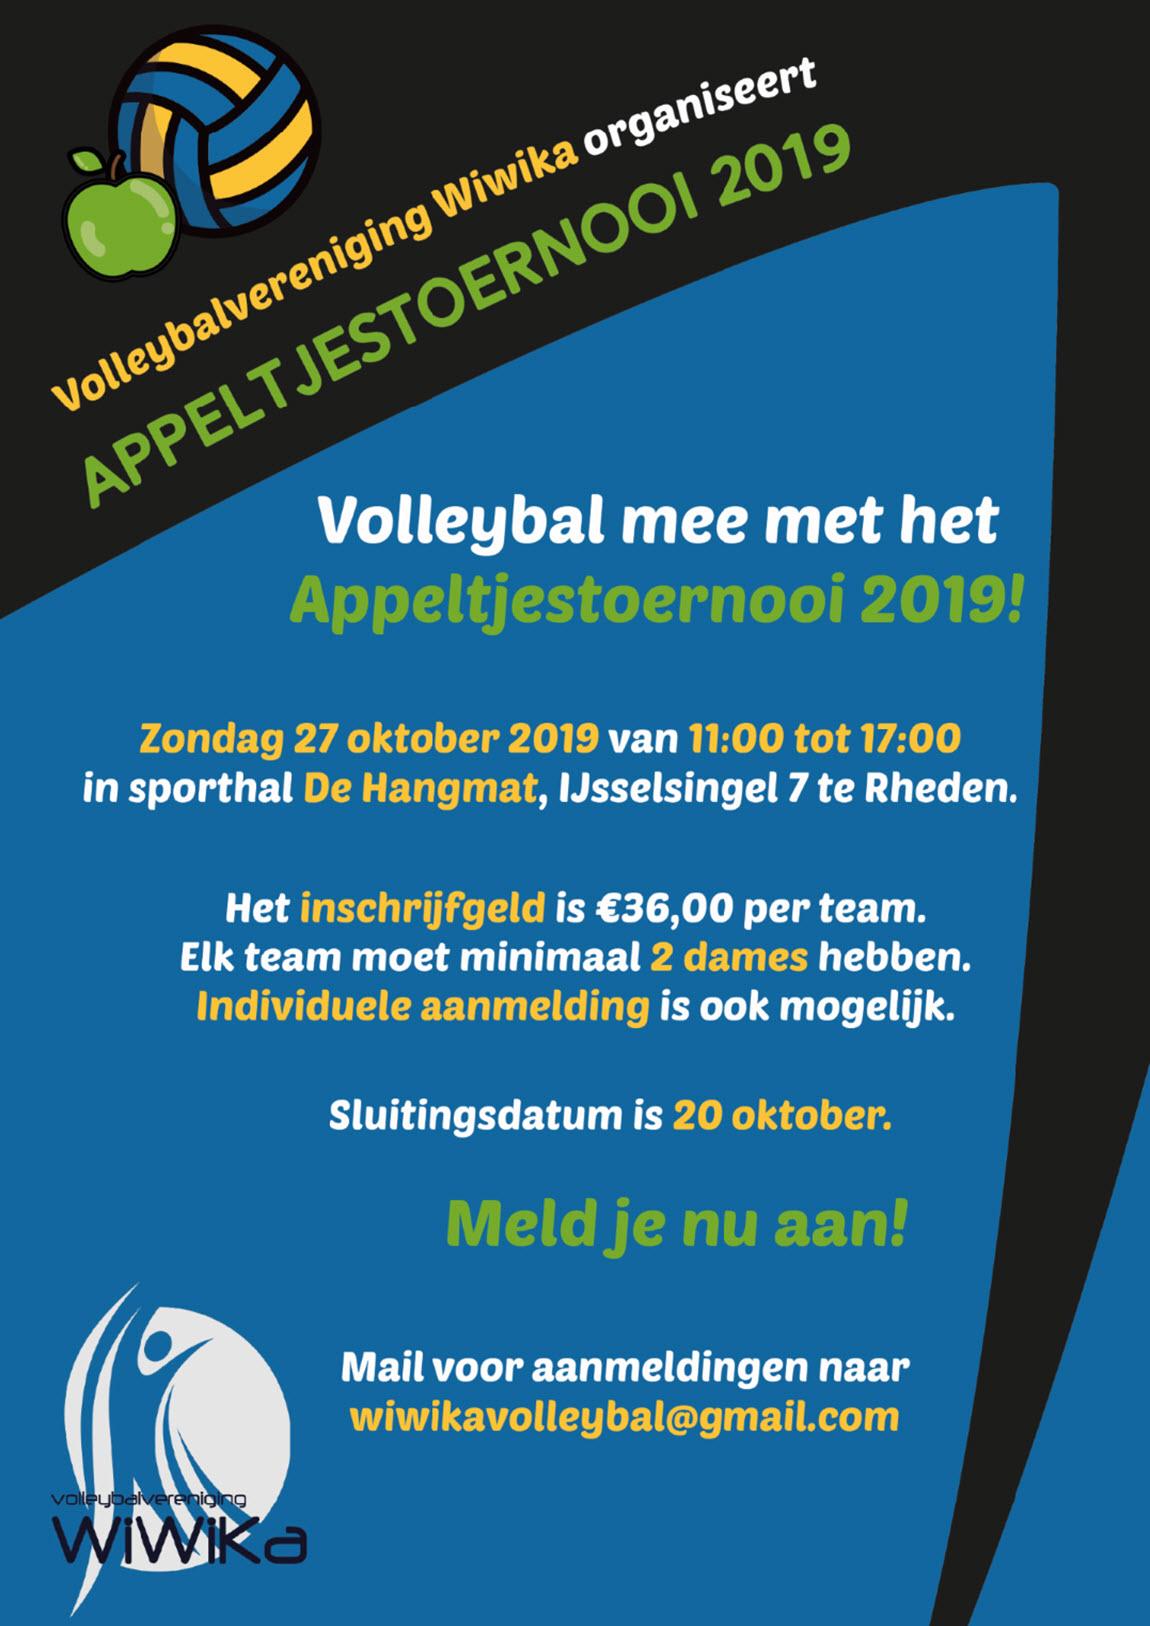 Appeltjestoernooi Volleybalvereniging Wiwika Rheden